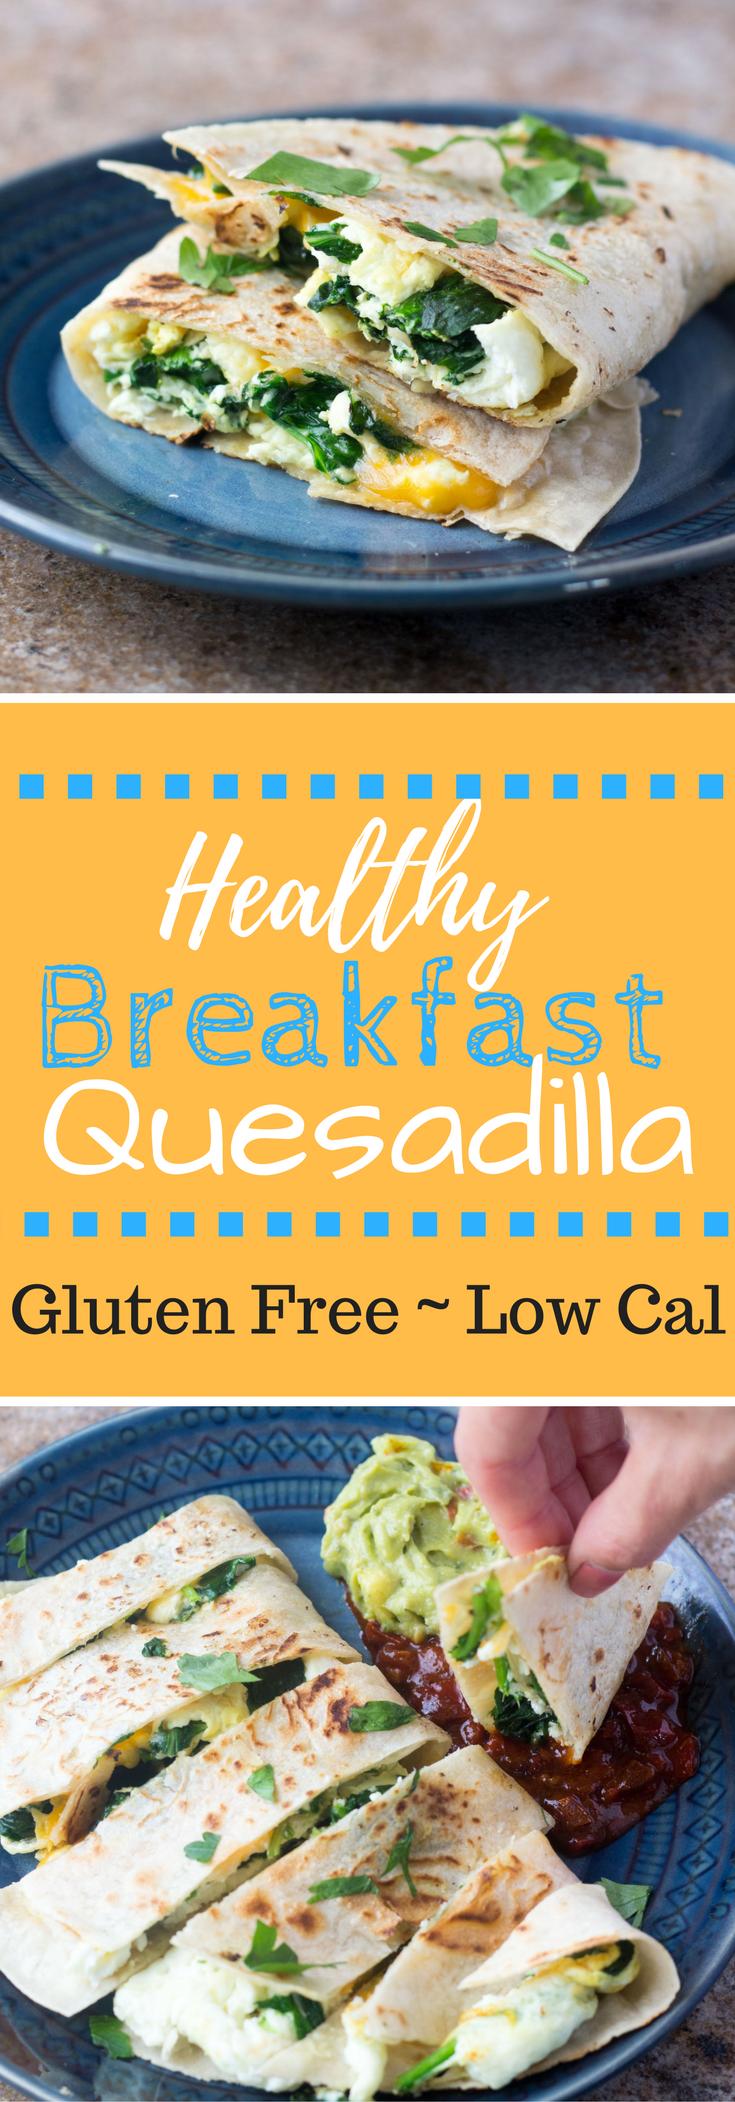 Photo of Gesundes glutenfreies Frühstück Quesadilla Diese Quesadilla mit gesunden …